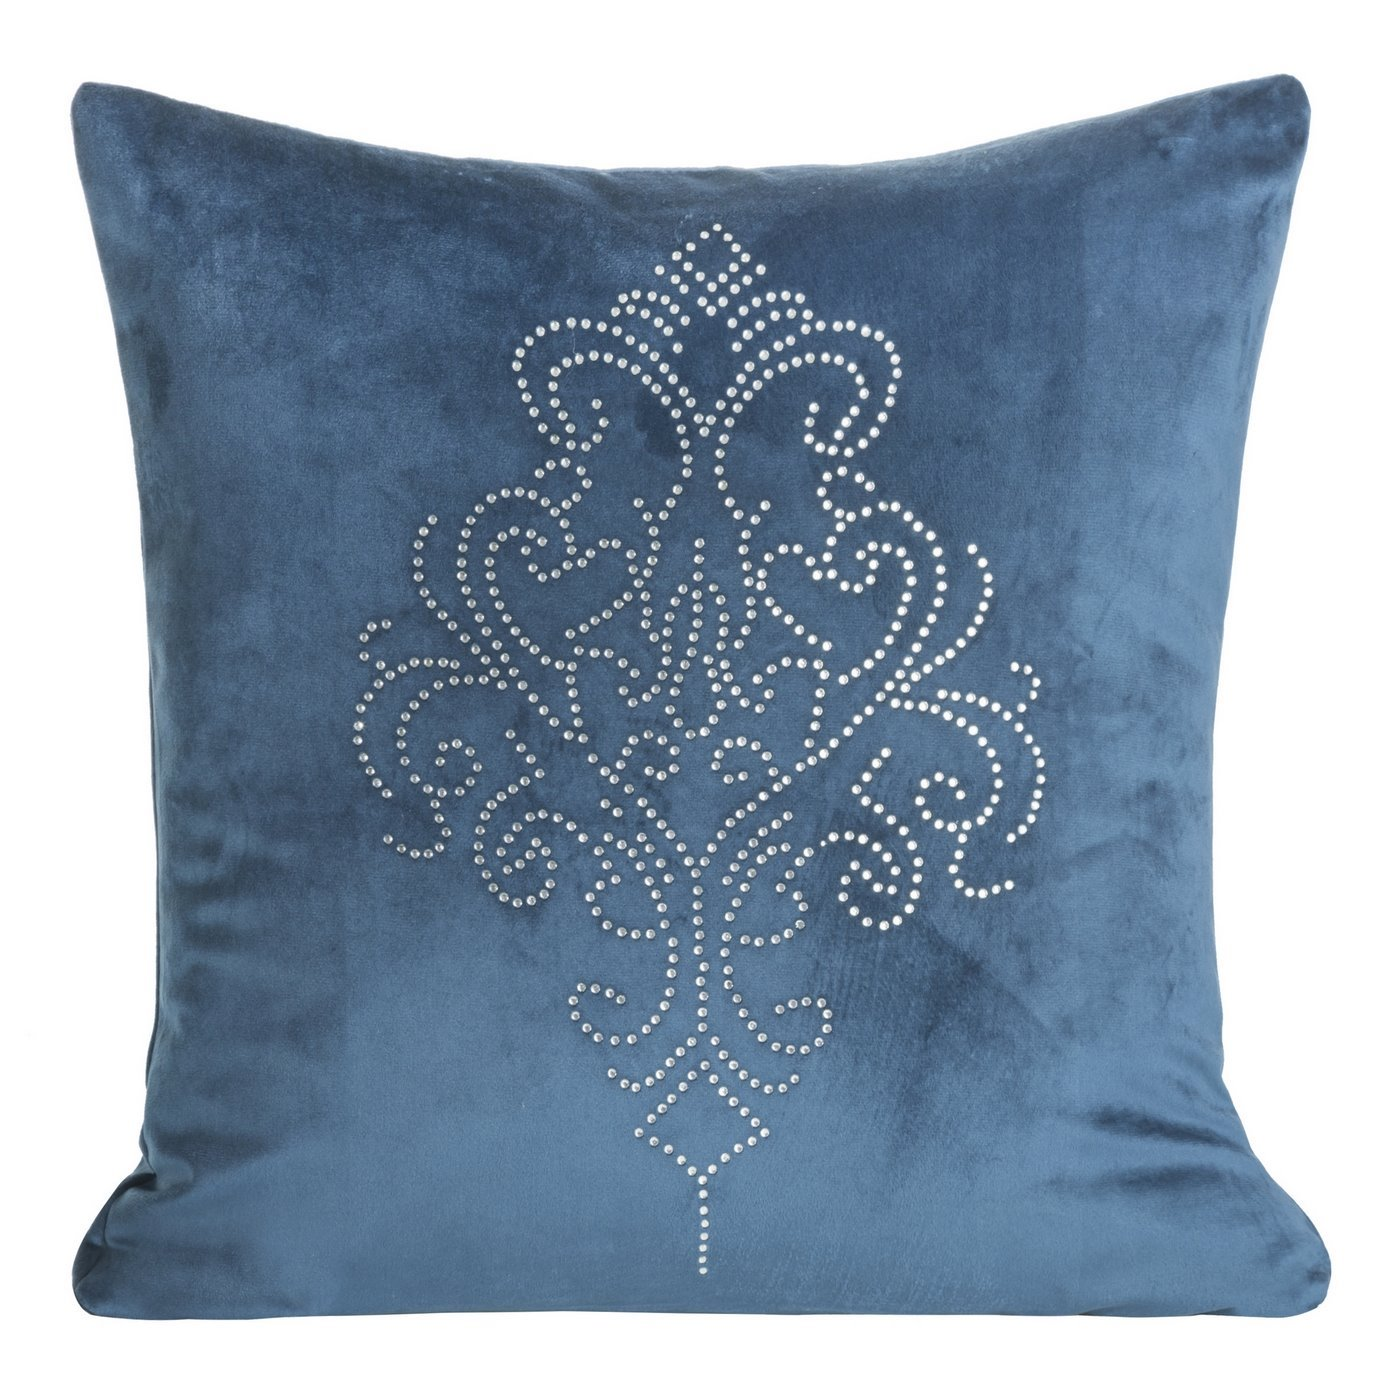 Poszewka na poduszkę 45 x 45 cm z pięknym ornamentowym wzorem z kryształków granatowa